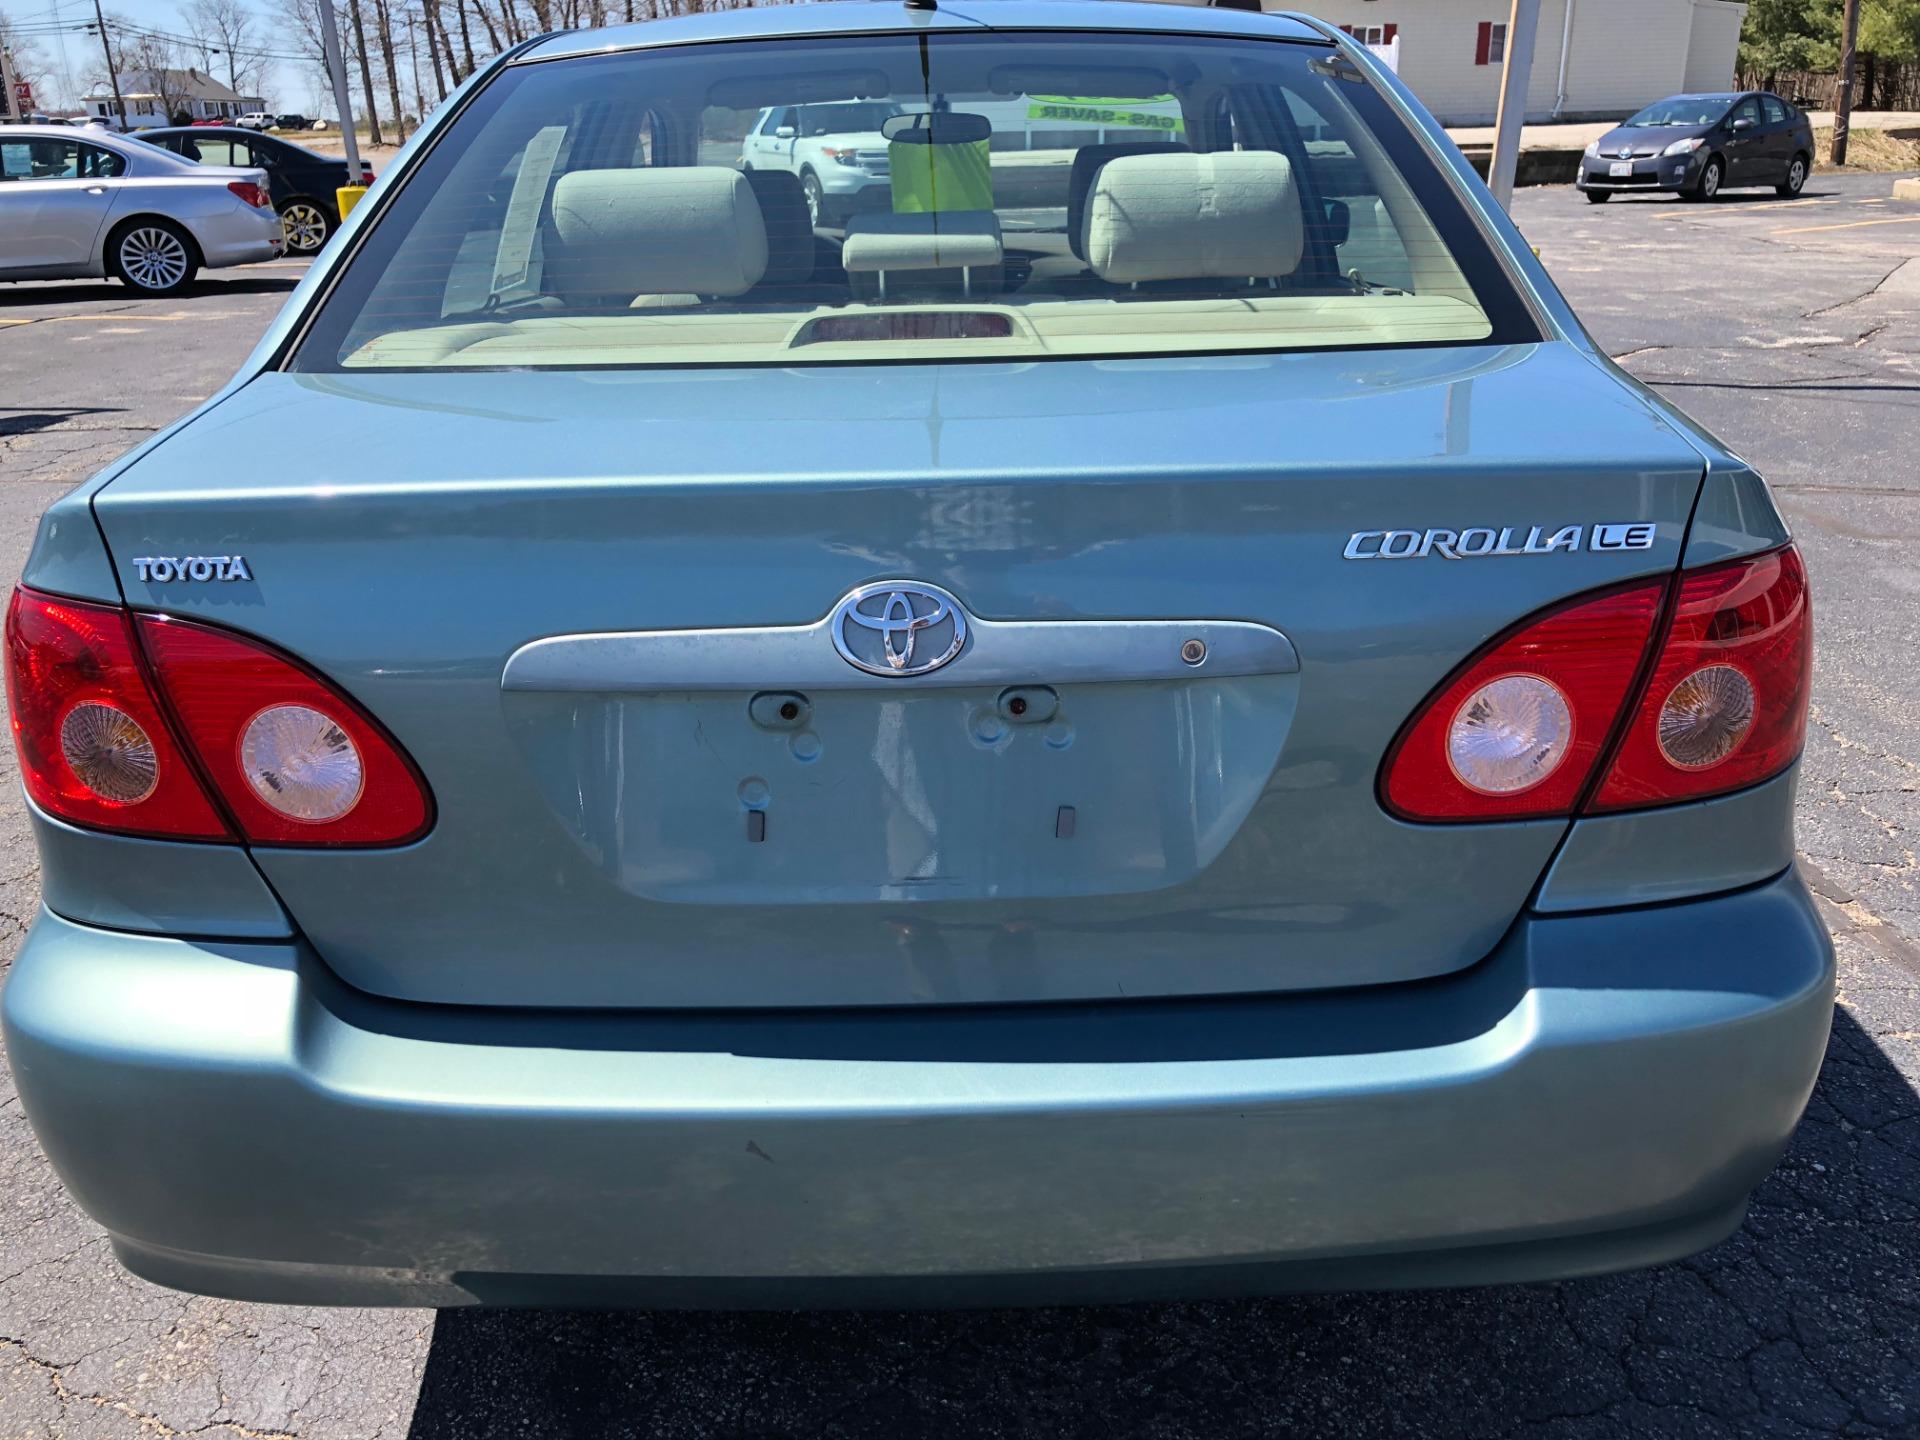 Toyota Corolla Gas Mileage >> Used 2007 Toyota COROLLA LE LE For Sale ($5,500 ...